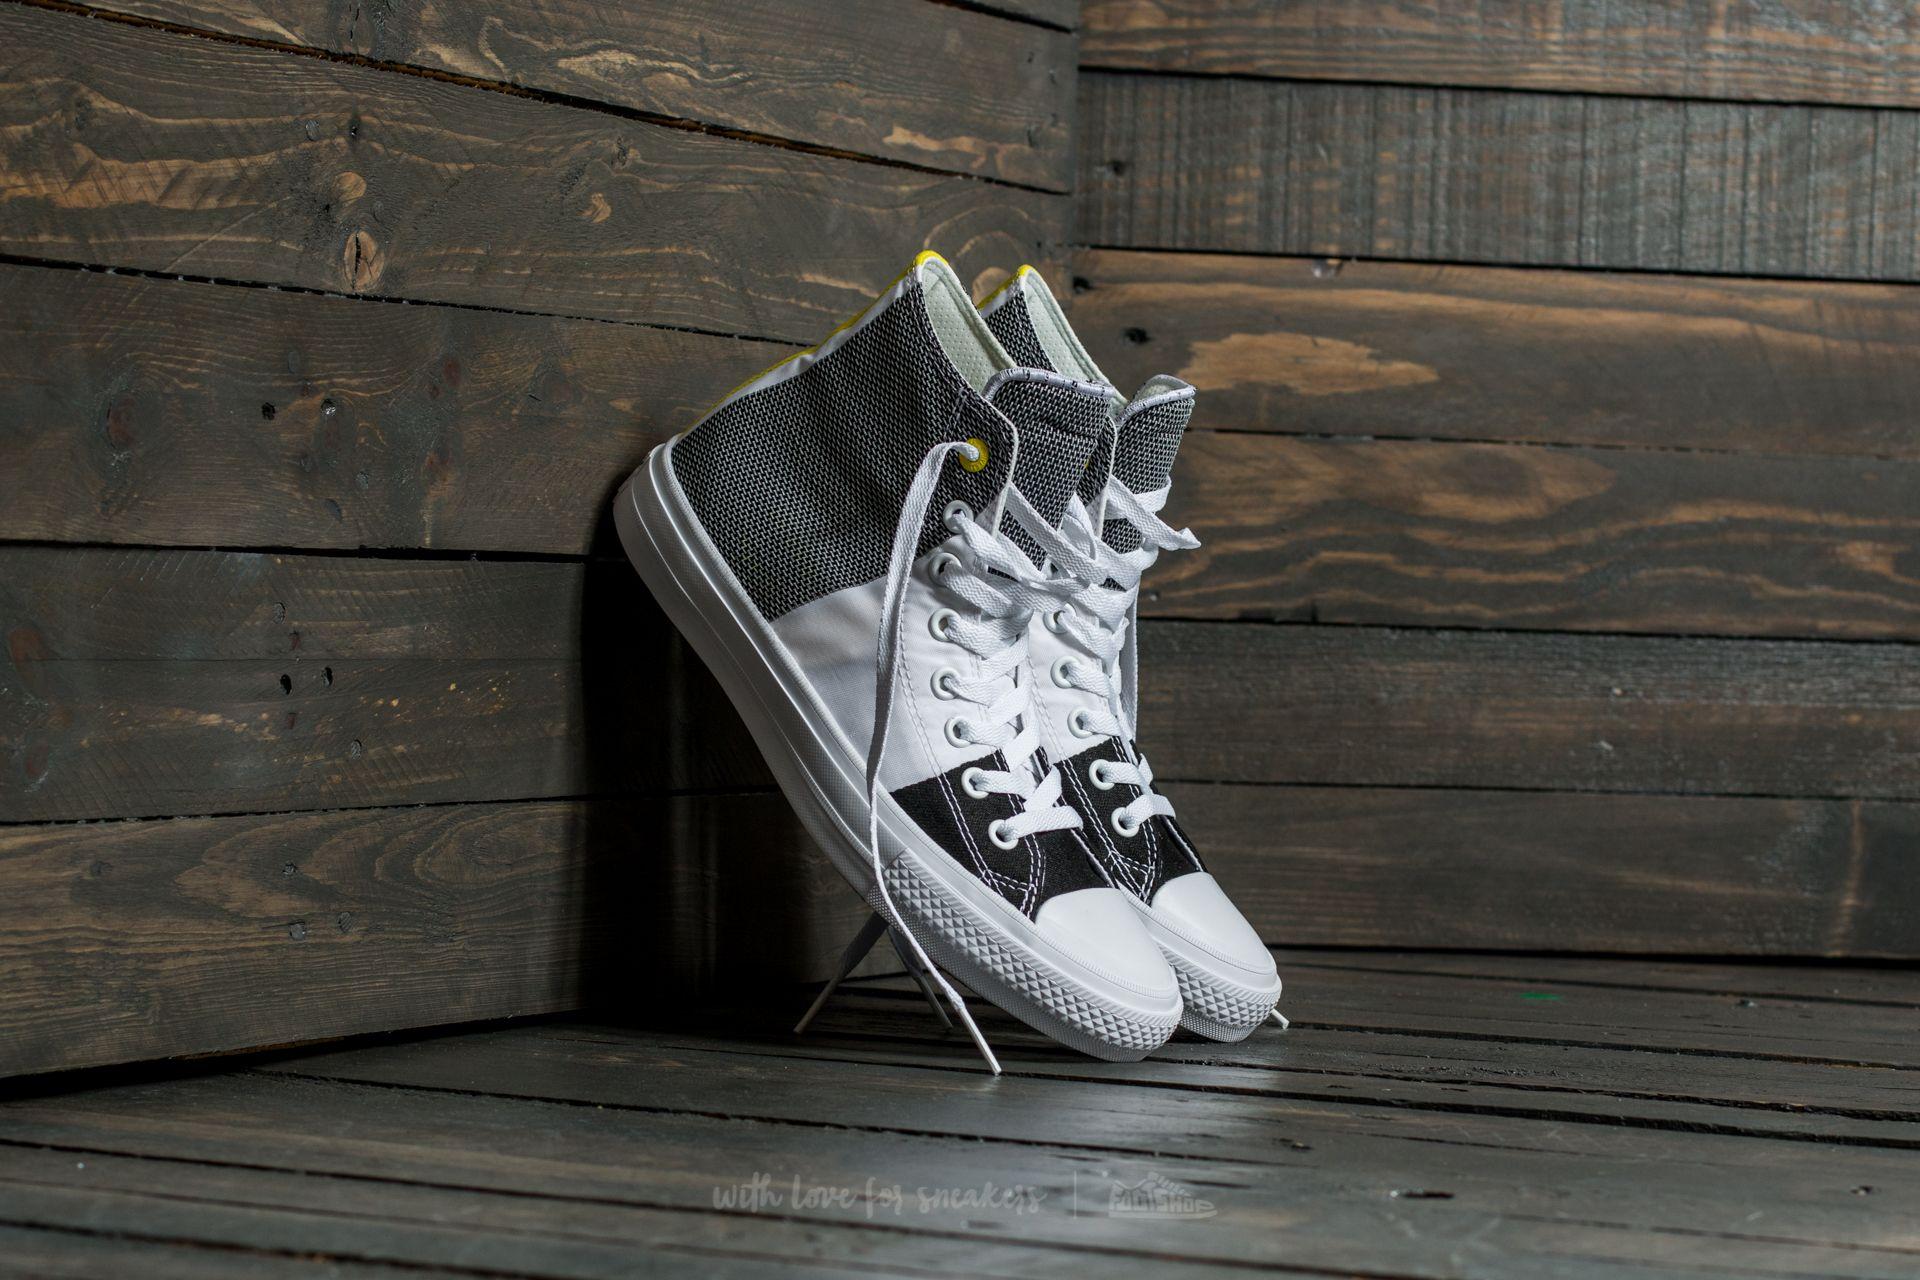 9e3f0e550e27 Converse Chuck Taylor All Star II Hi White  Black  Fresh Yellow ...